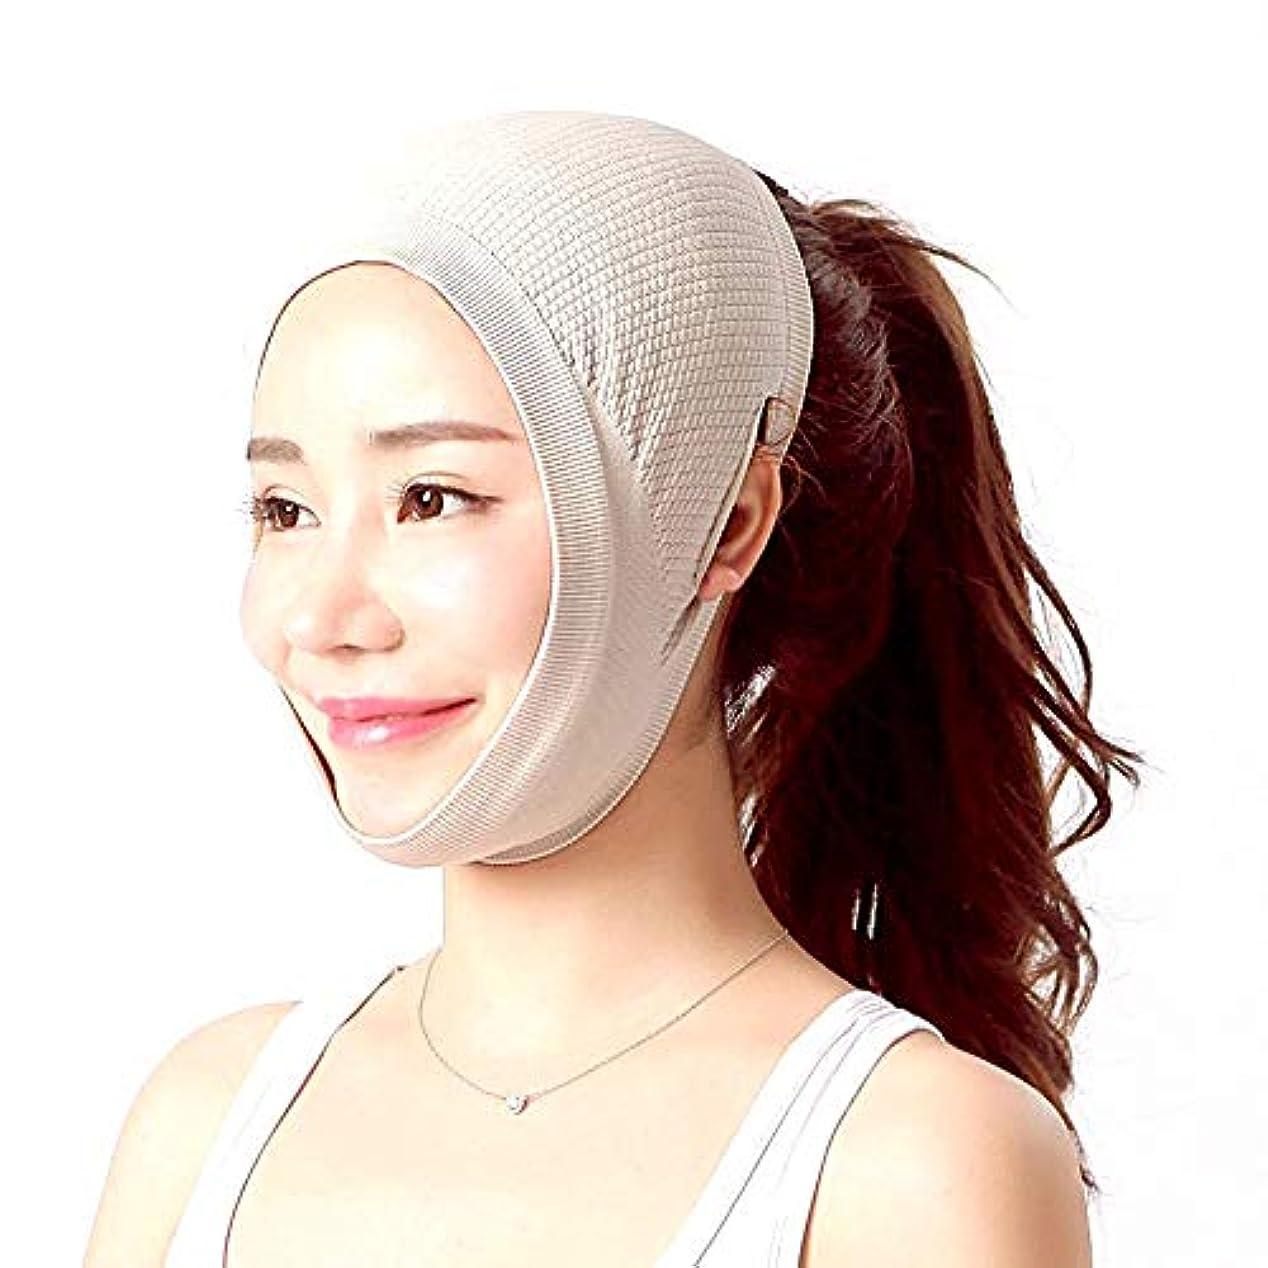 留め金銀行出力Jia Jia- フェイスリフティングアーティファクト包帯ライン術後回復包帯リフティングフェイスフードVフェイス包帯リフティングVフェイス美容マスク - 肌のトーン 顔面包帯